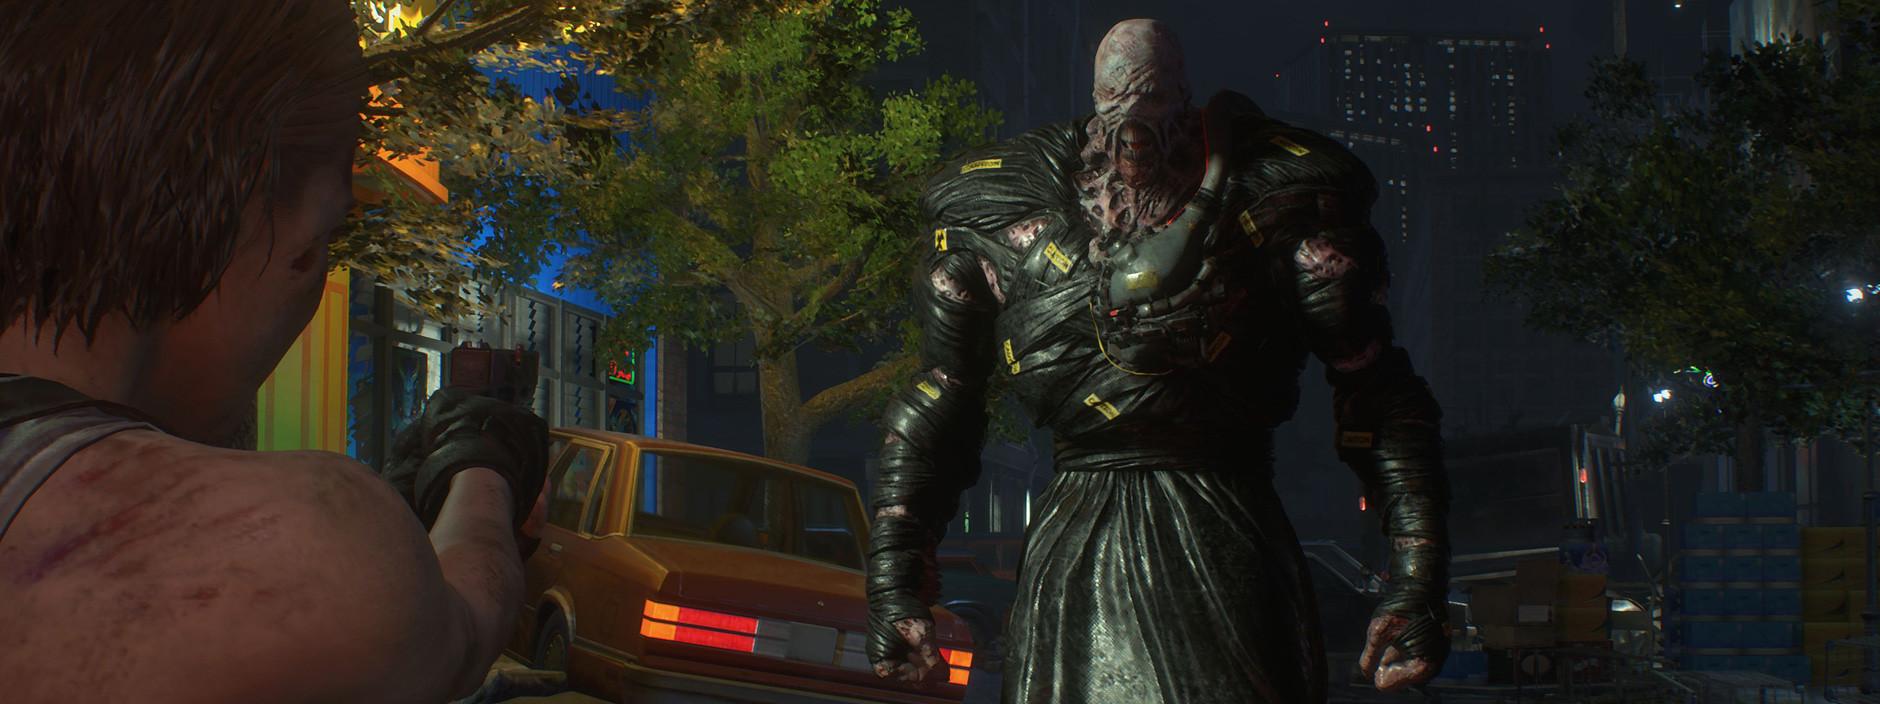 Resident Evil 3: Una remake que dejará sin palabras a los fanáticos de la saga - Radio Cantilo